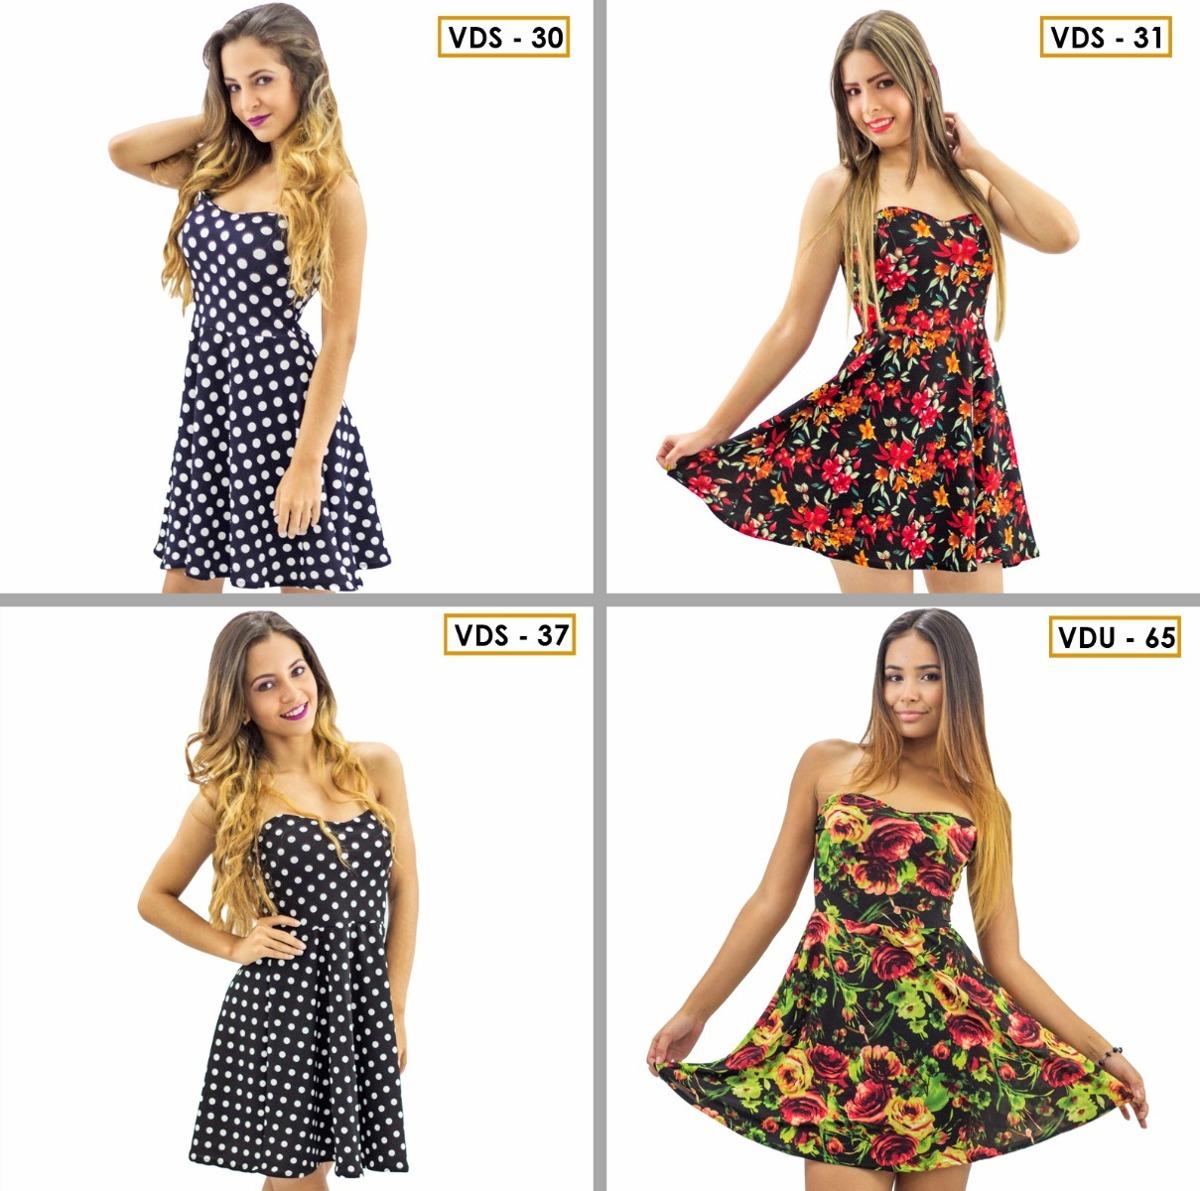 59bbdb950a vestido moda dama casuales cortos playeros mayor detal. Cargando zoom.